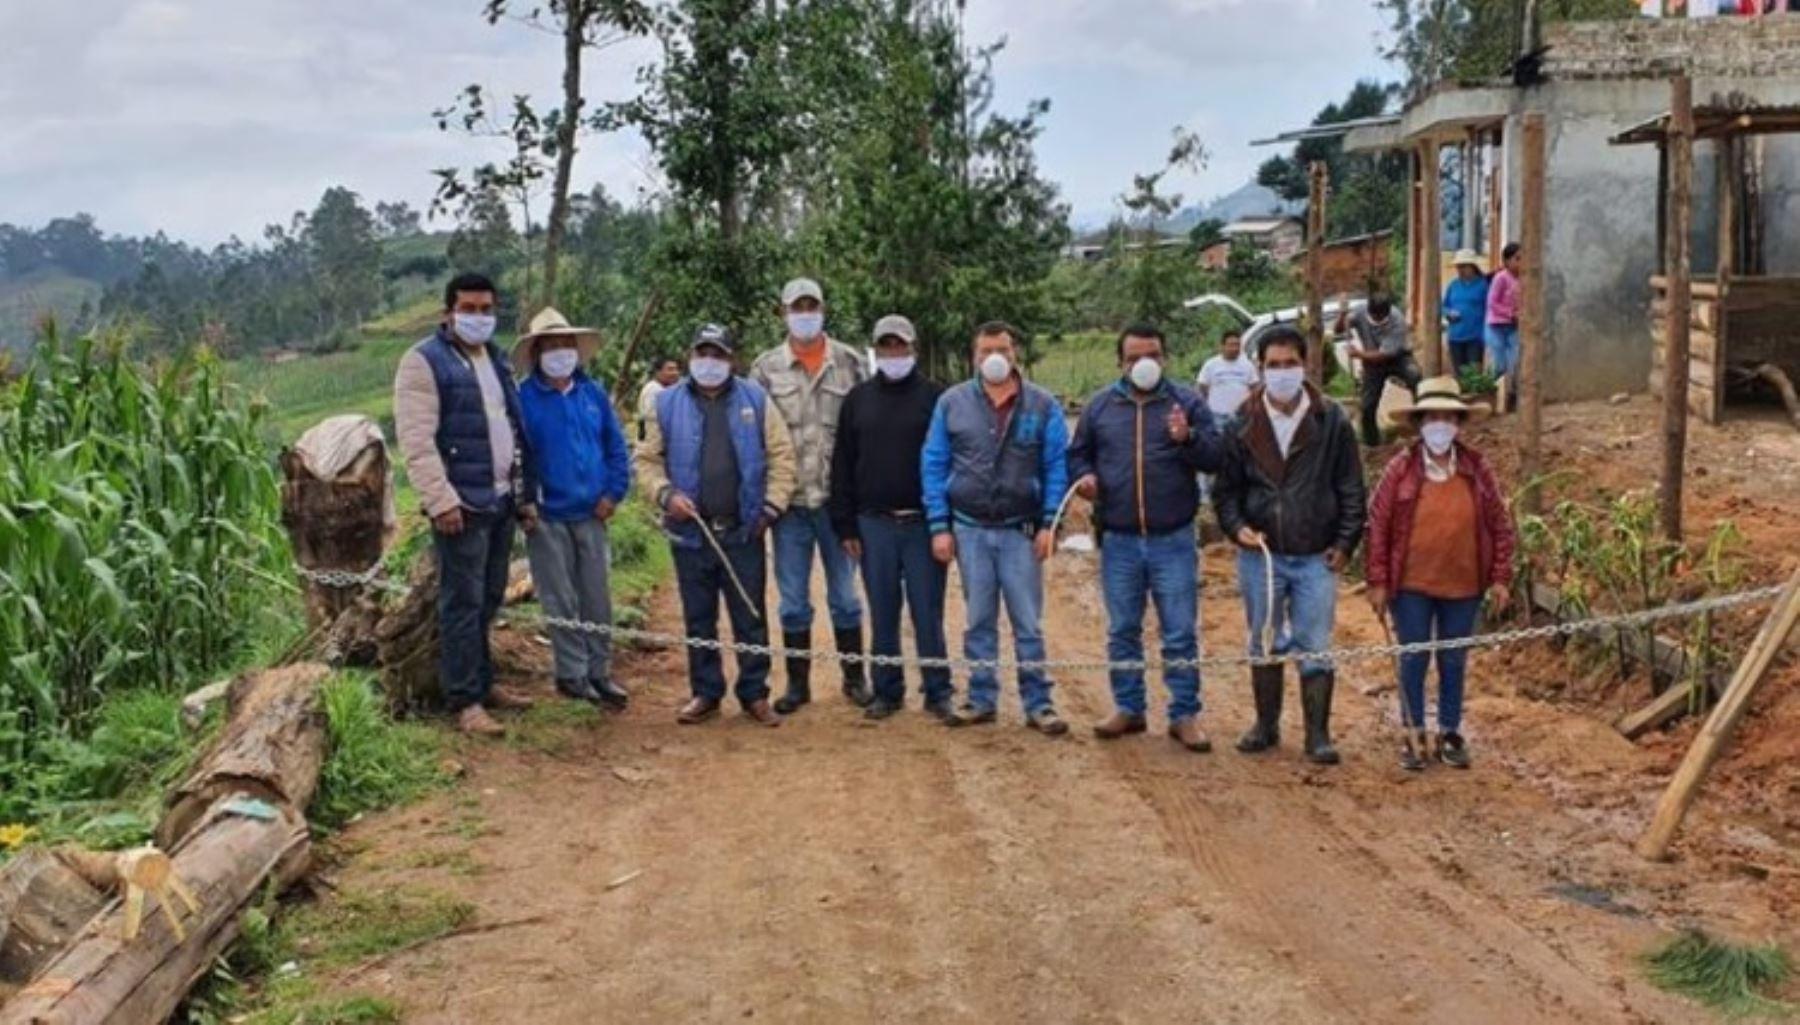 Historias de ronderos: ¿cómo se protegen de la pandemia las comunidades rurales del Perú?